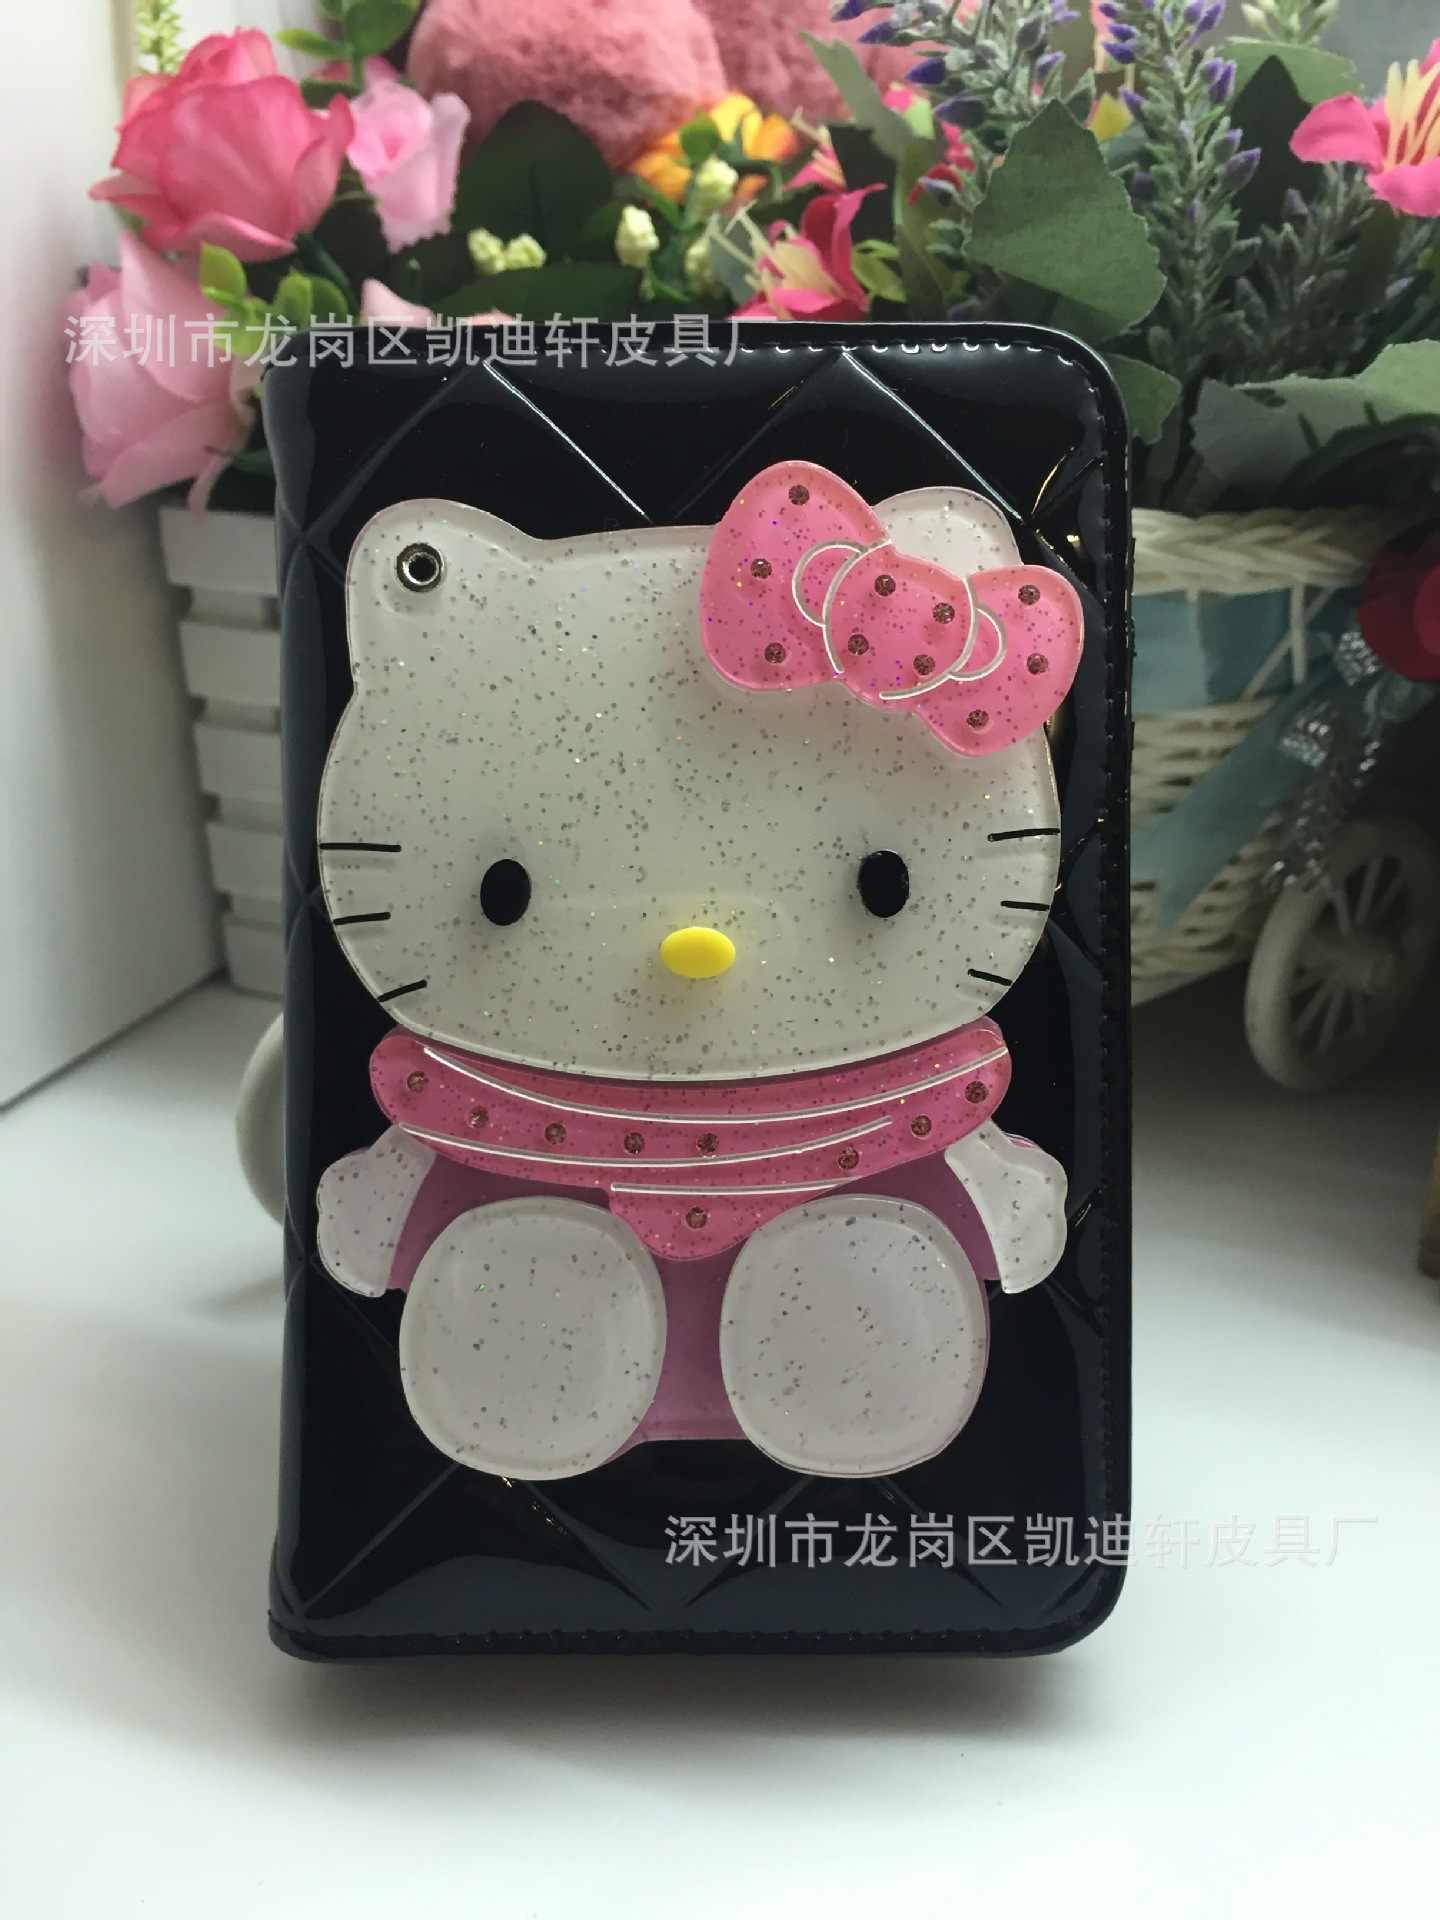 Espelho Marca de luxo Olá Kitty M Mulheres Bolsa Das Senhoras de Couro Bolsa Carteira Billetera Mujer Portefeuille Femme Feminino 40